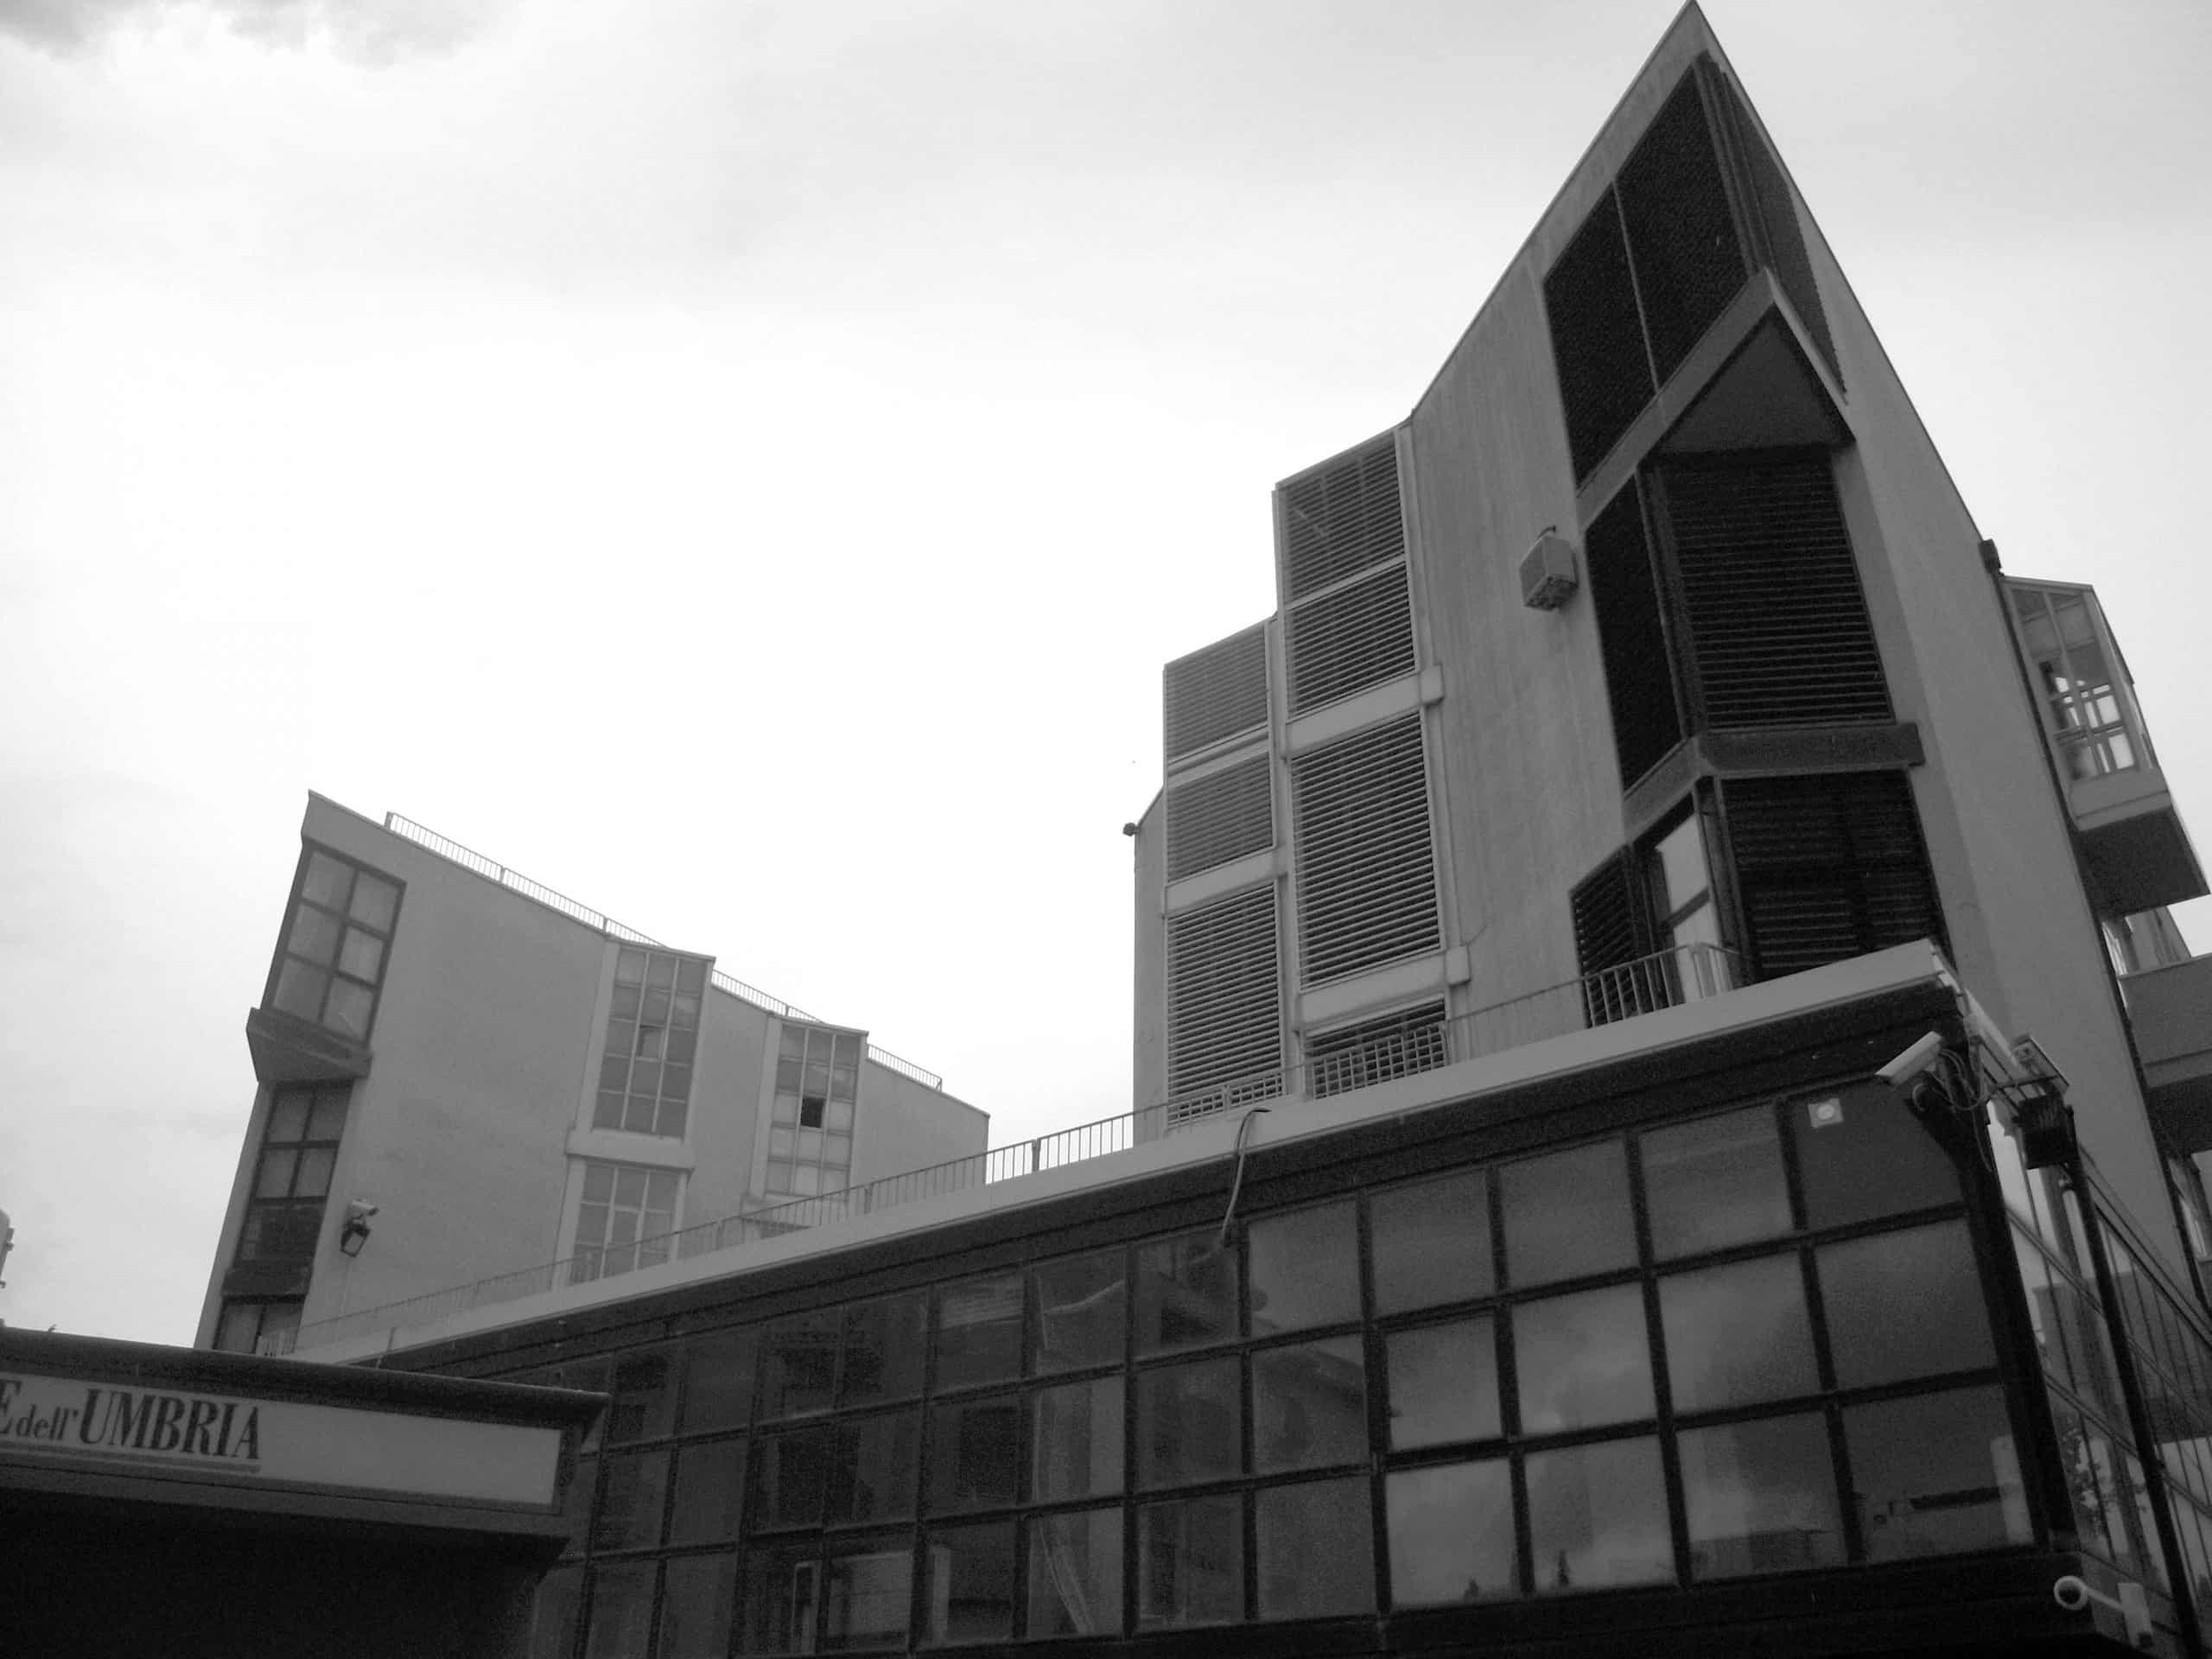 9 - Edificio polifunzionale per la Banca Popolare di Spoleto in viale Trento e Trieste, Spoleto (PG); con A. Zanmatti - Vista esterna